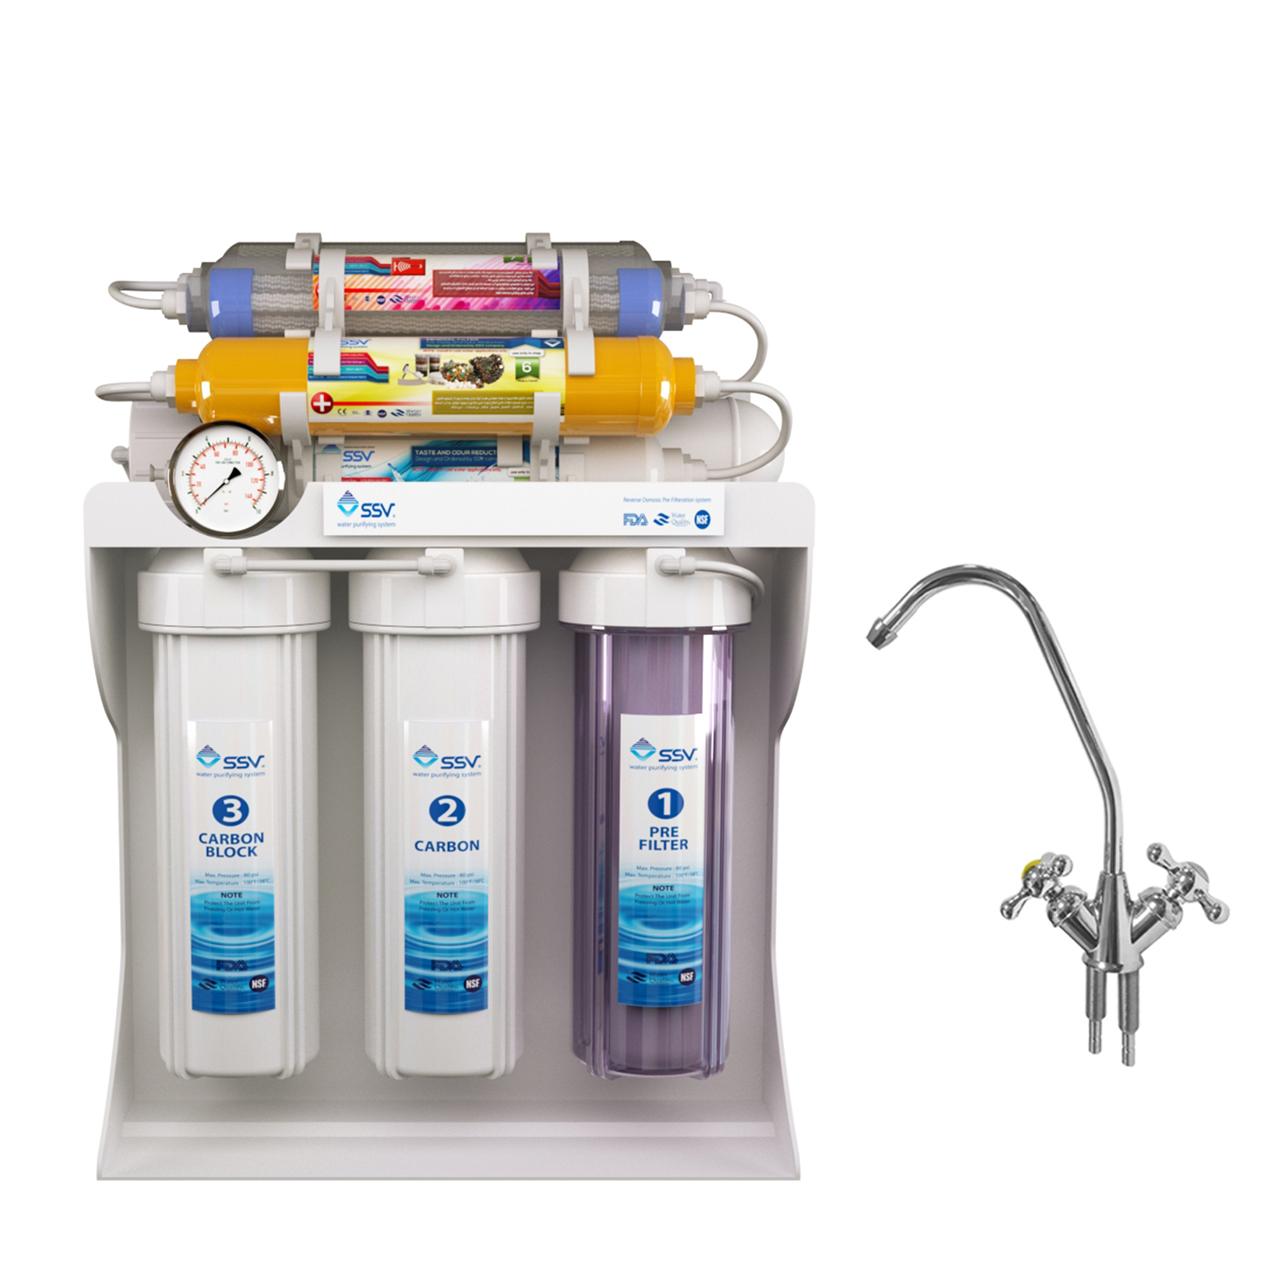 دستگاه تصفیه آب اس اس وی مدل MaxPro 2W X1000به همراه شیر دوکاره